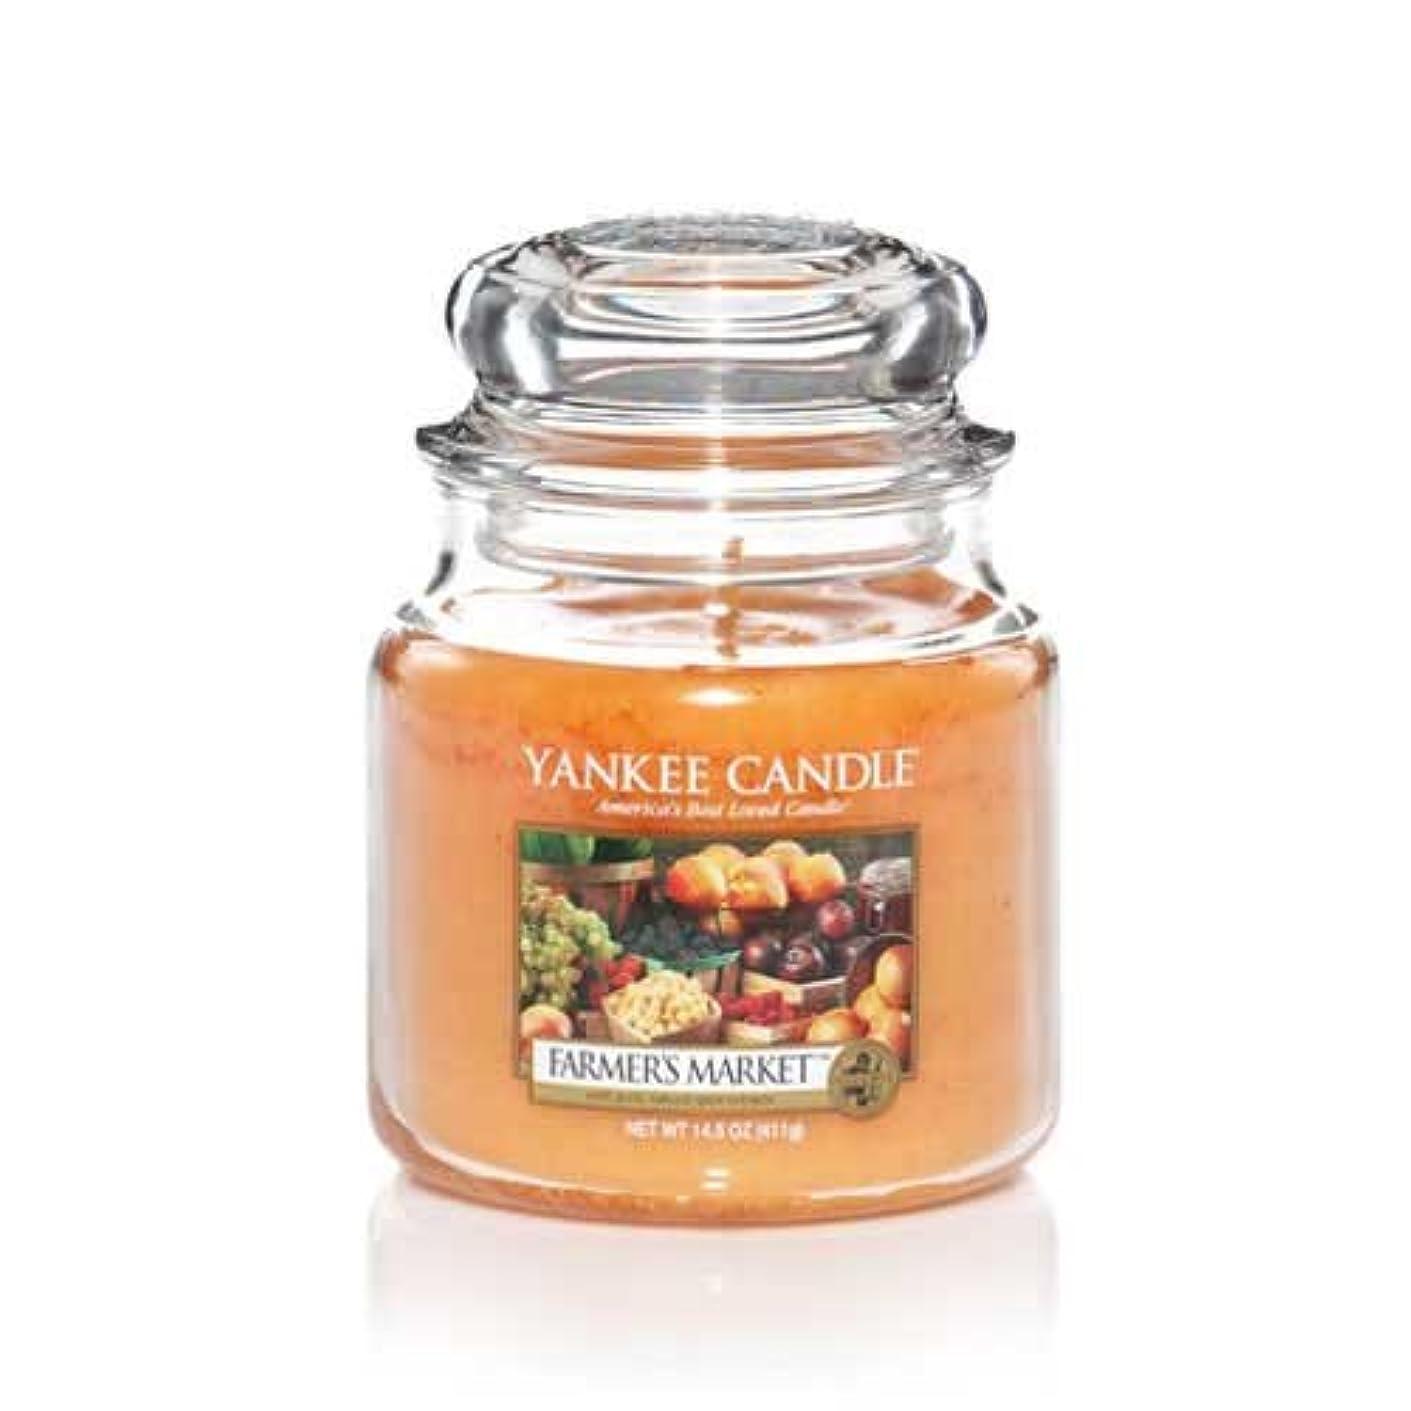 アマゾンジャングルアフリカ人処理Yankee Candle Farmer 's Market Medium Jar Candle, Food & Spice香り